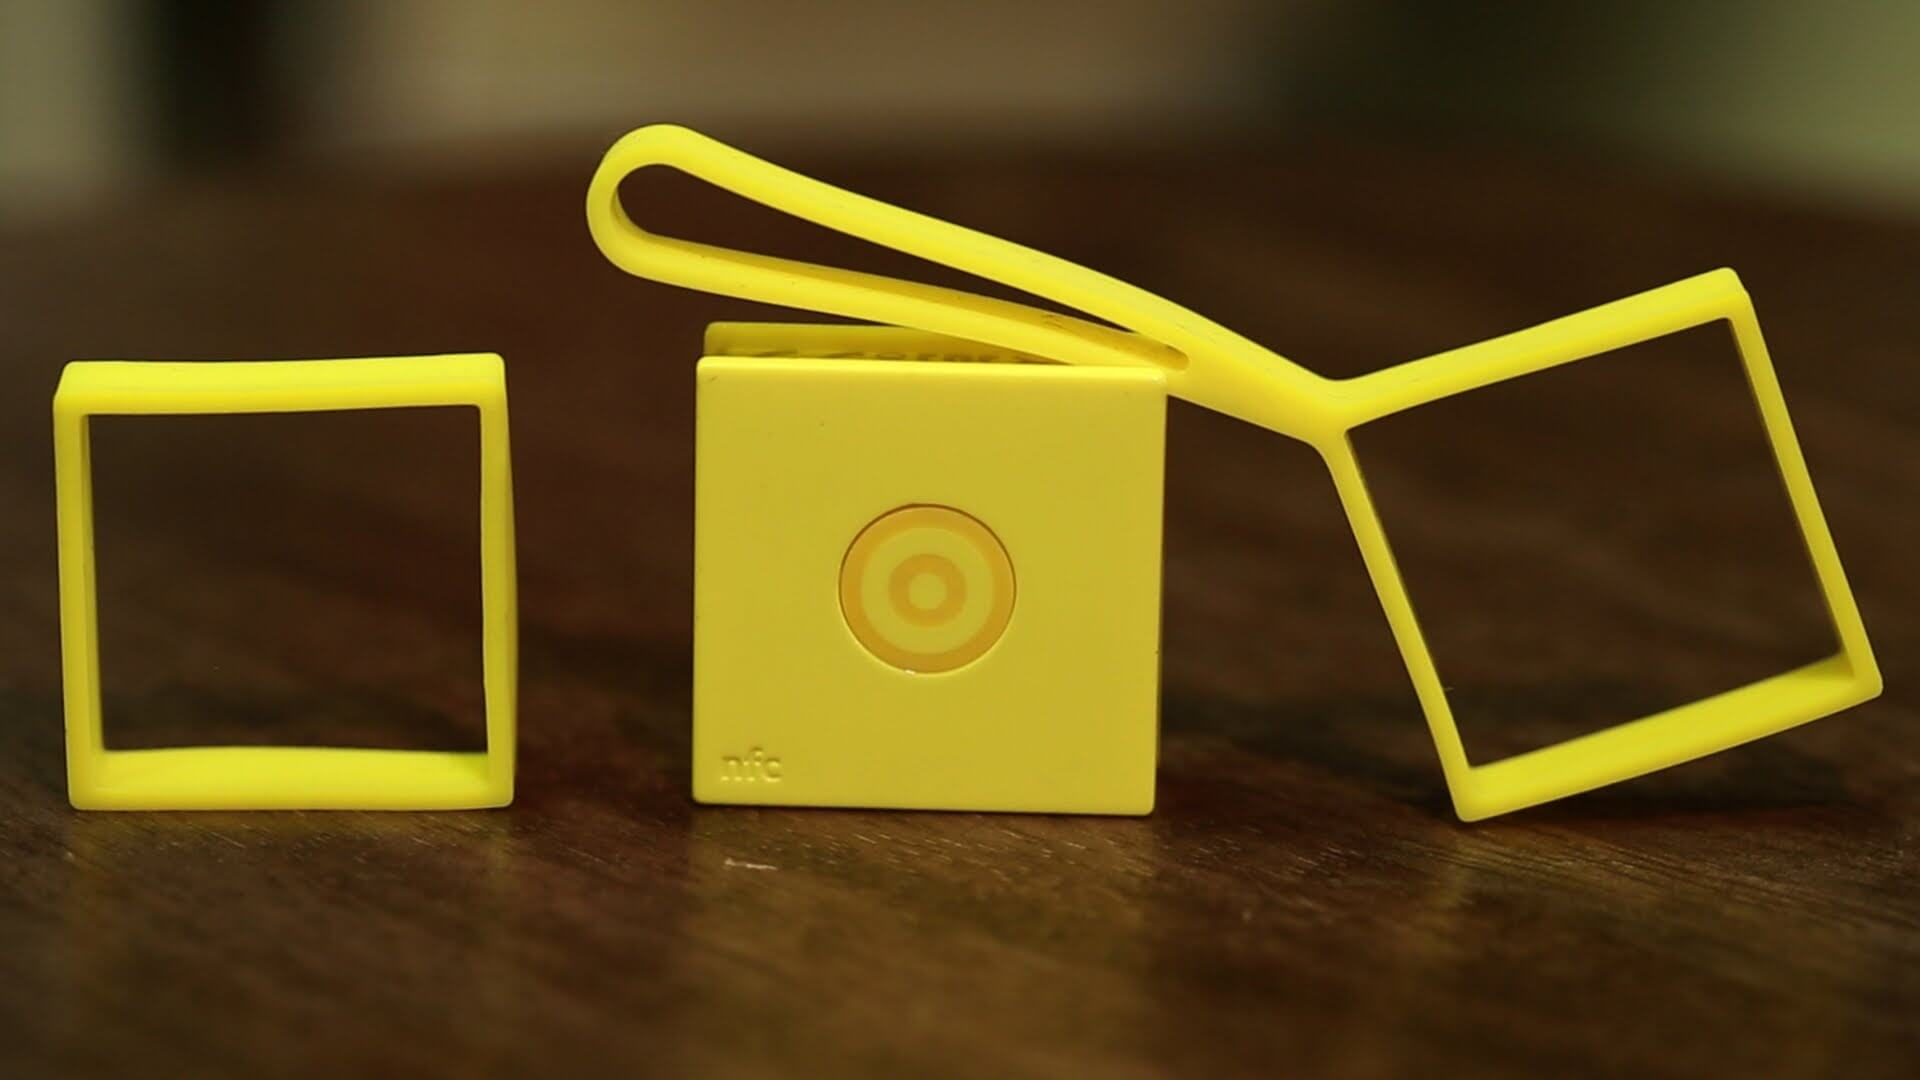 Nokia Treasure Tag è pensato per i dispositivi Microsoft e sfrutta un sensore di prossimità .